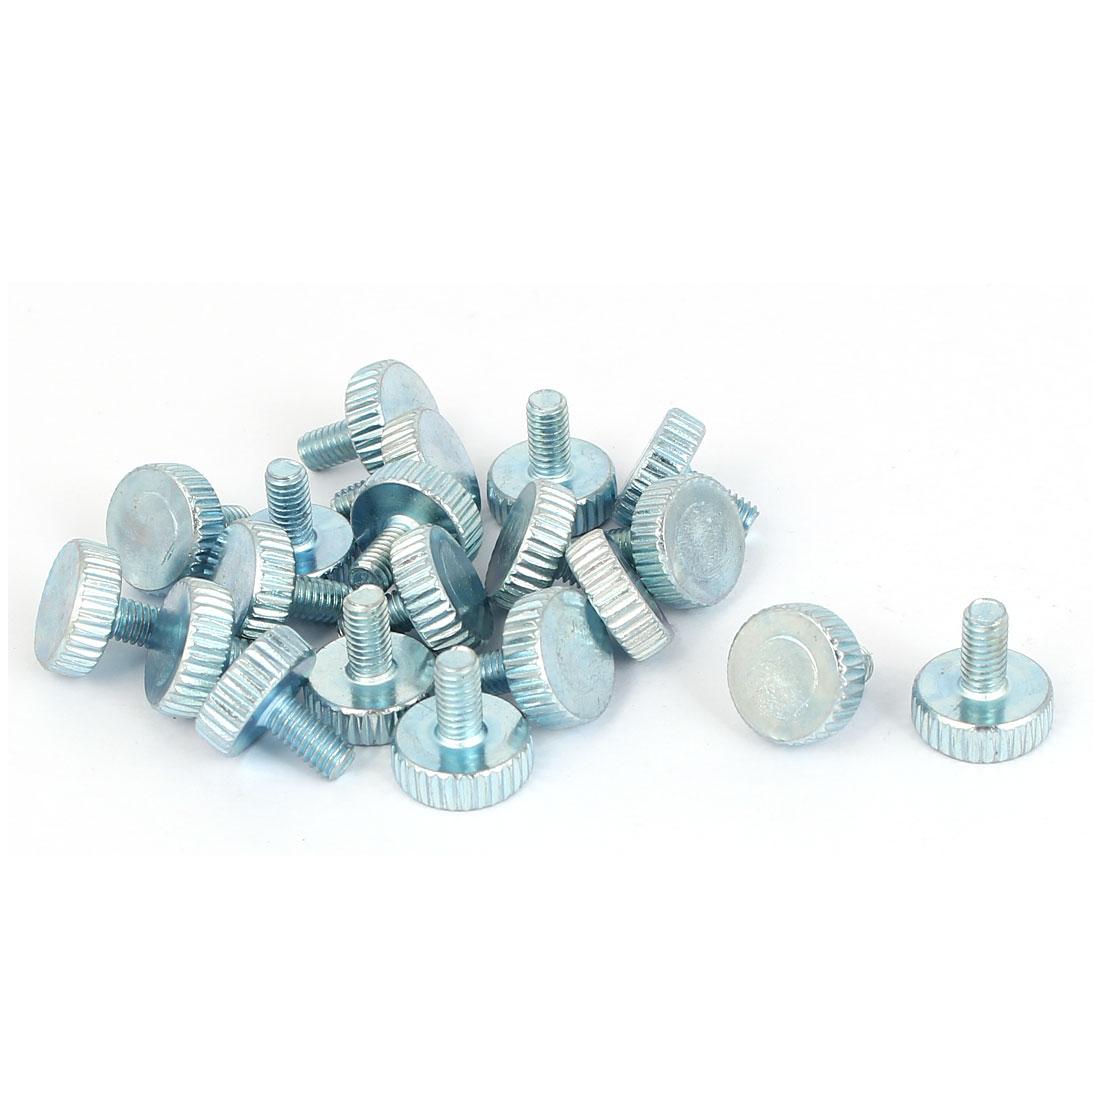 M4x8mm Thread Carbon Steel Knurled Round Head Thumb Screws Silver Blue 20pcs